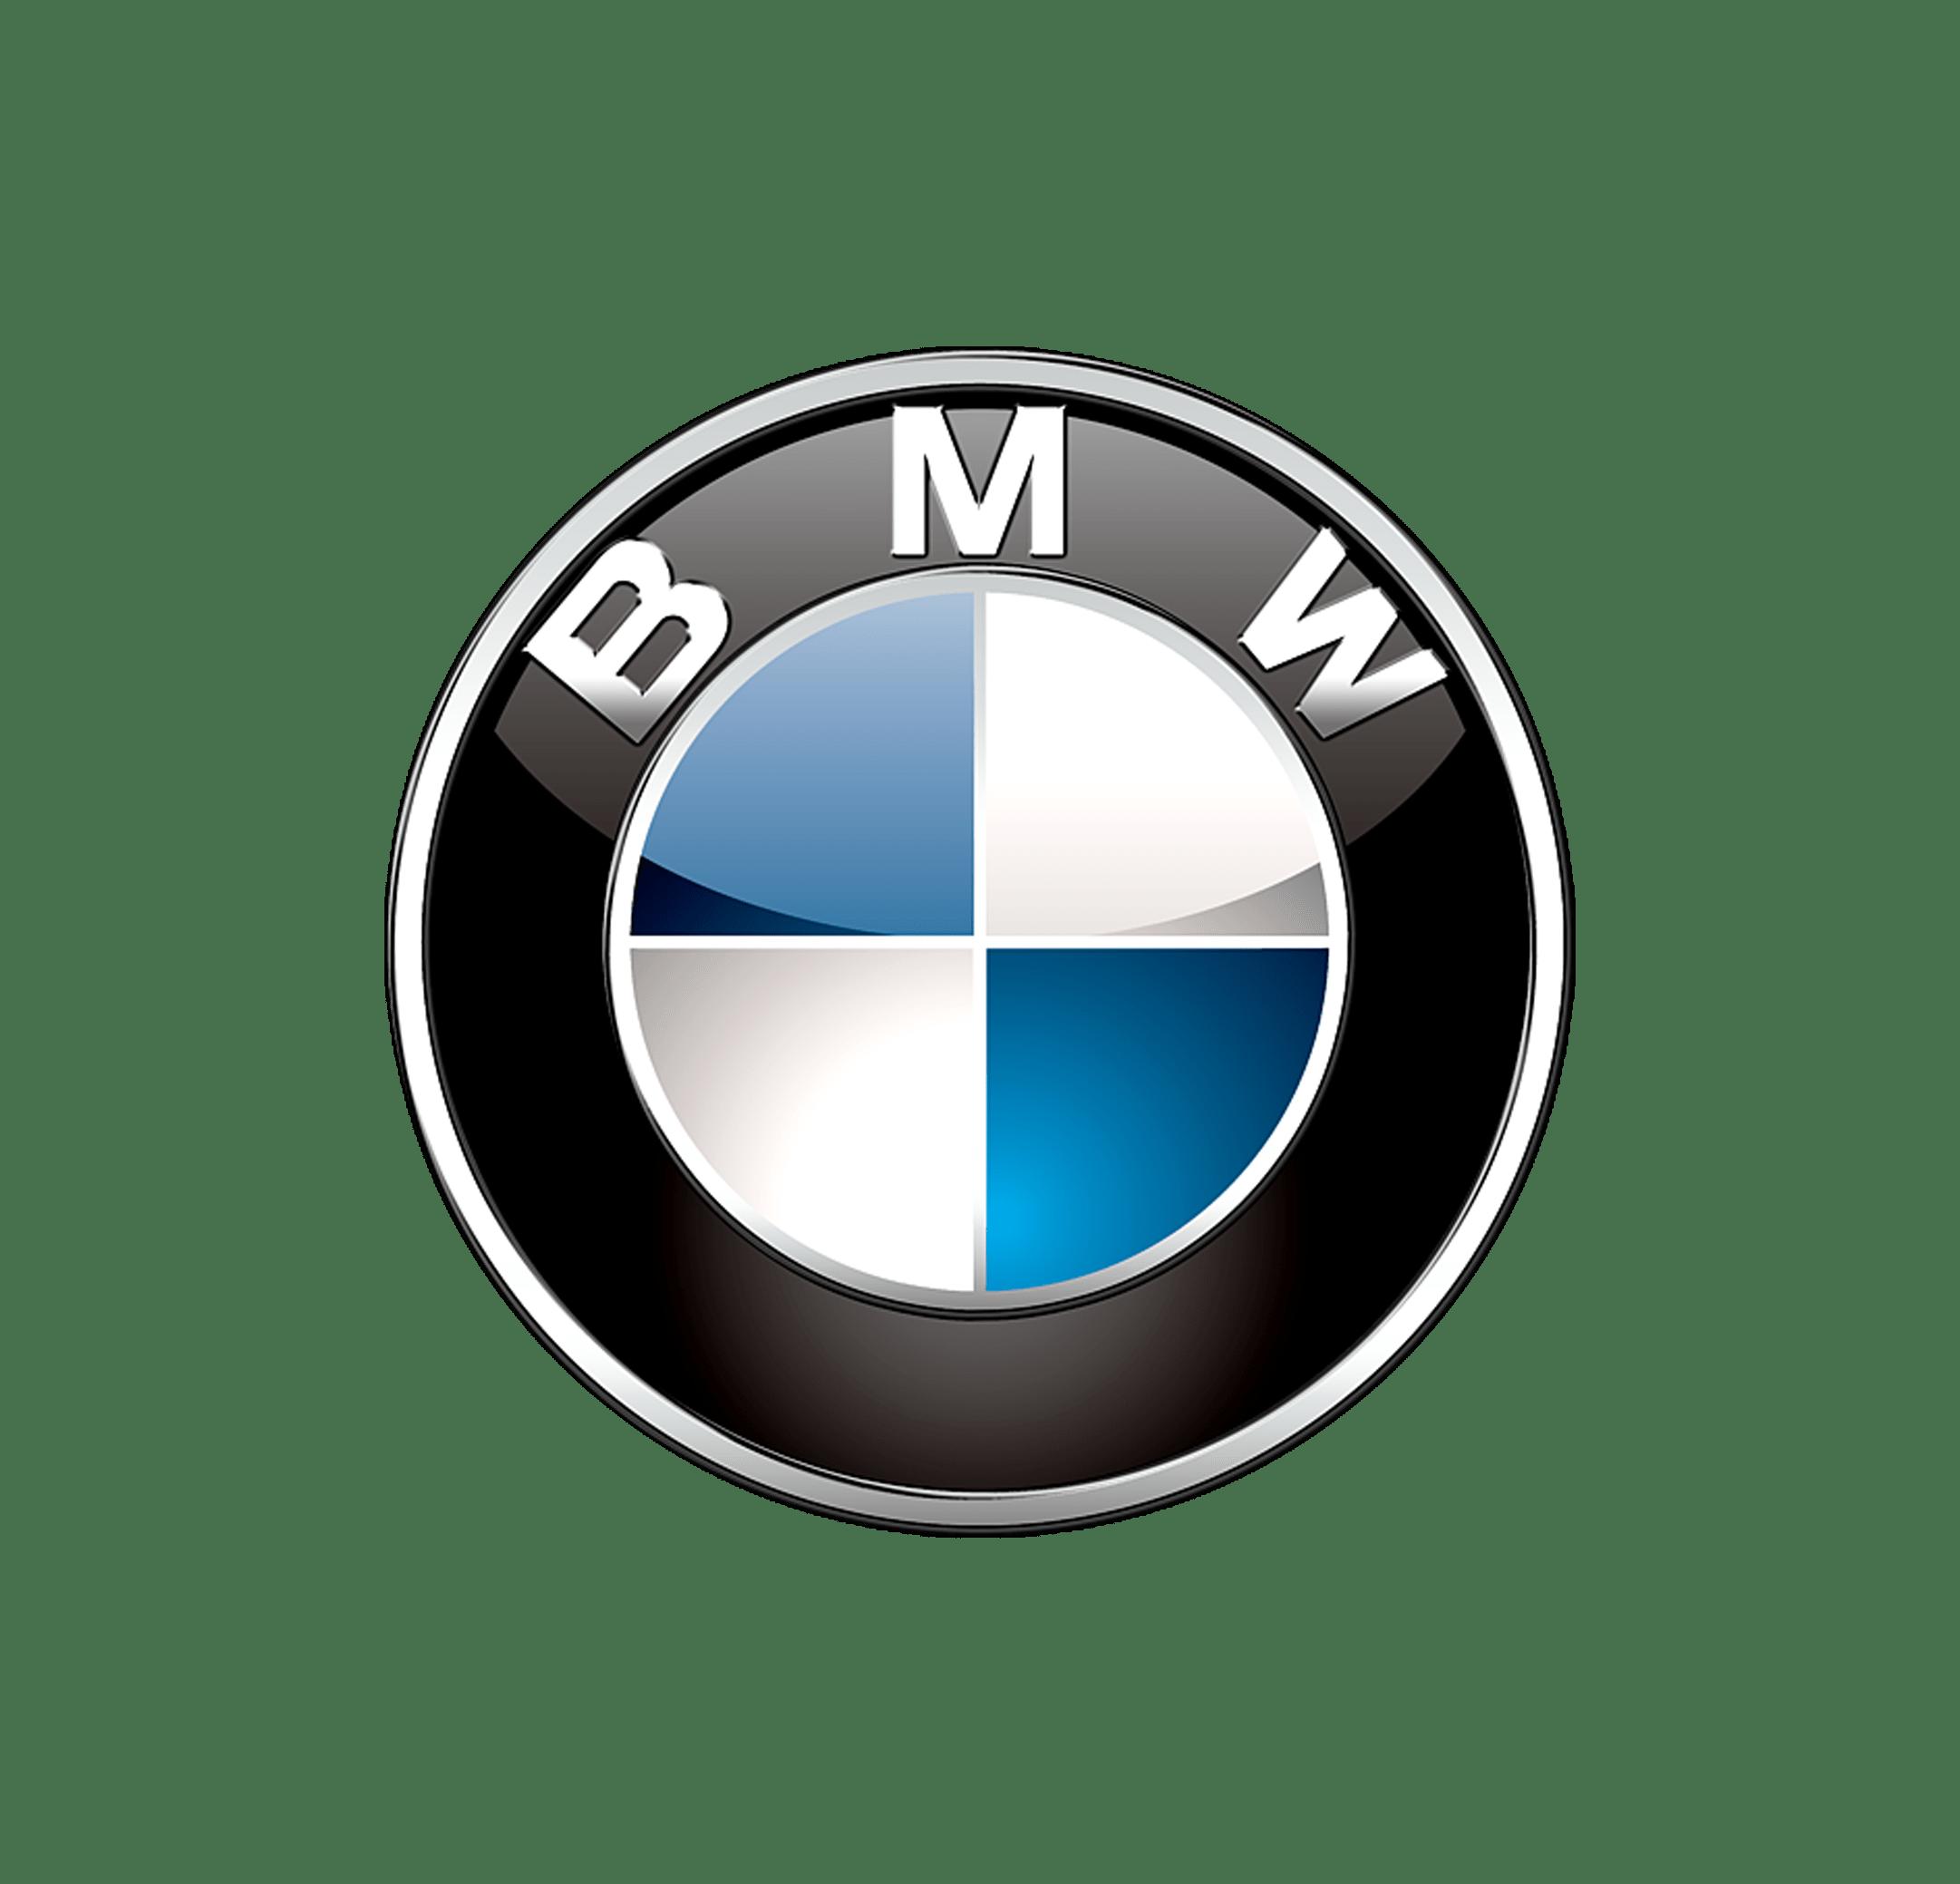 BMW-min-1.png